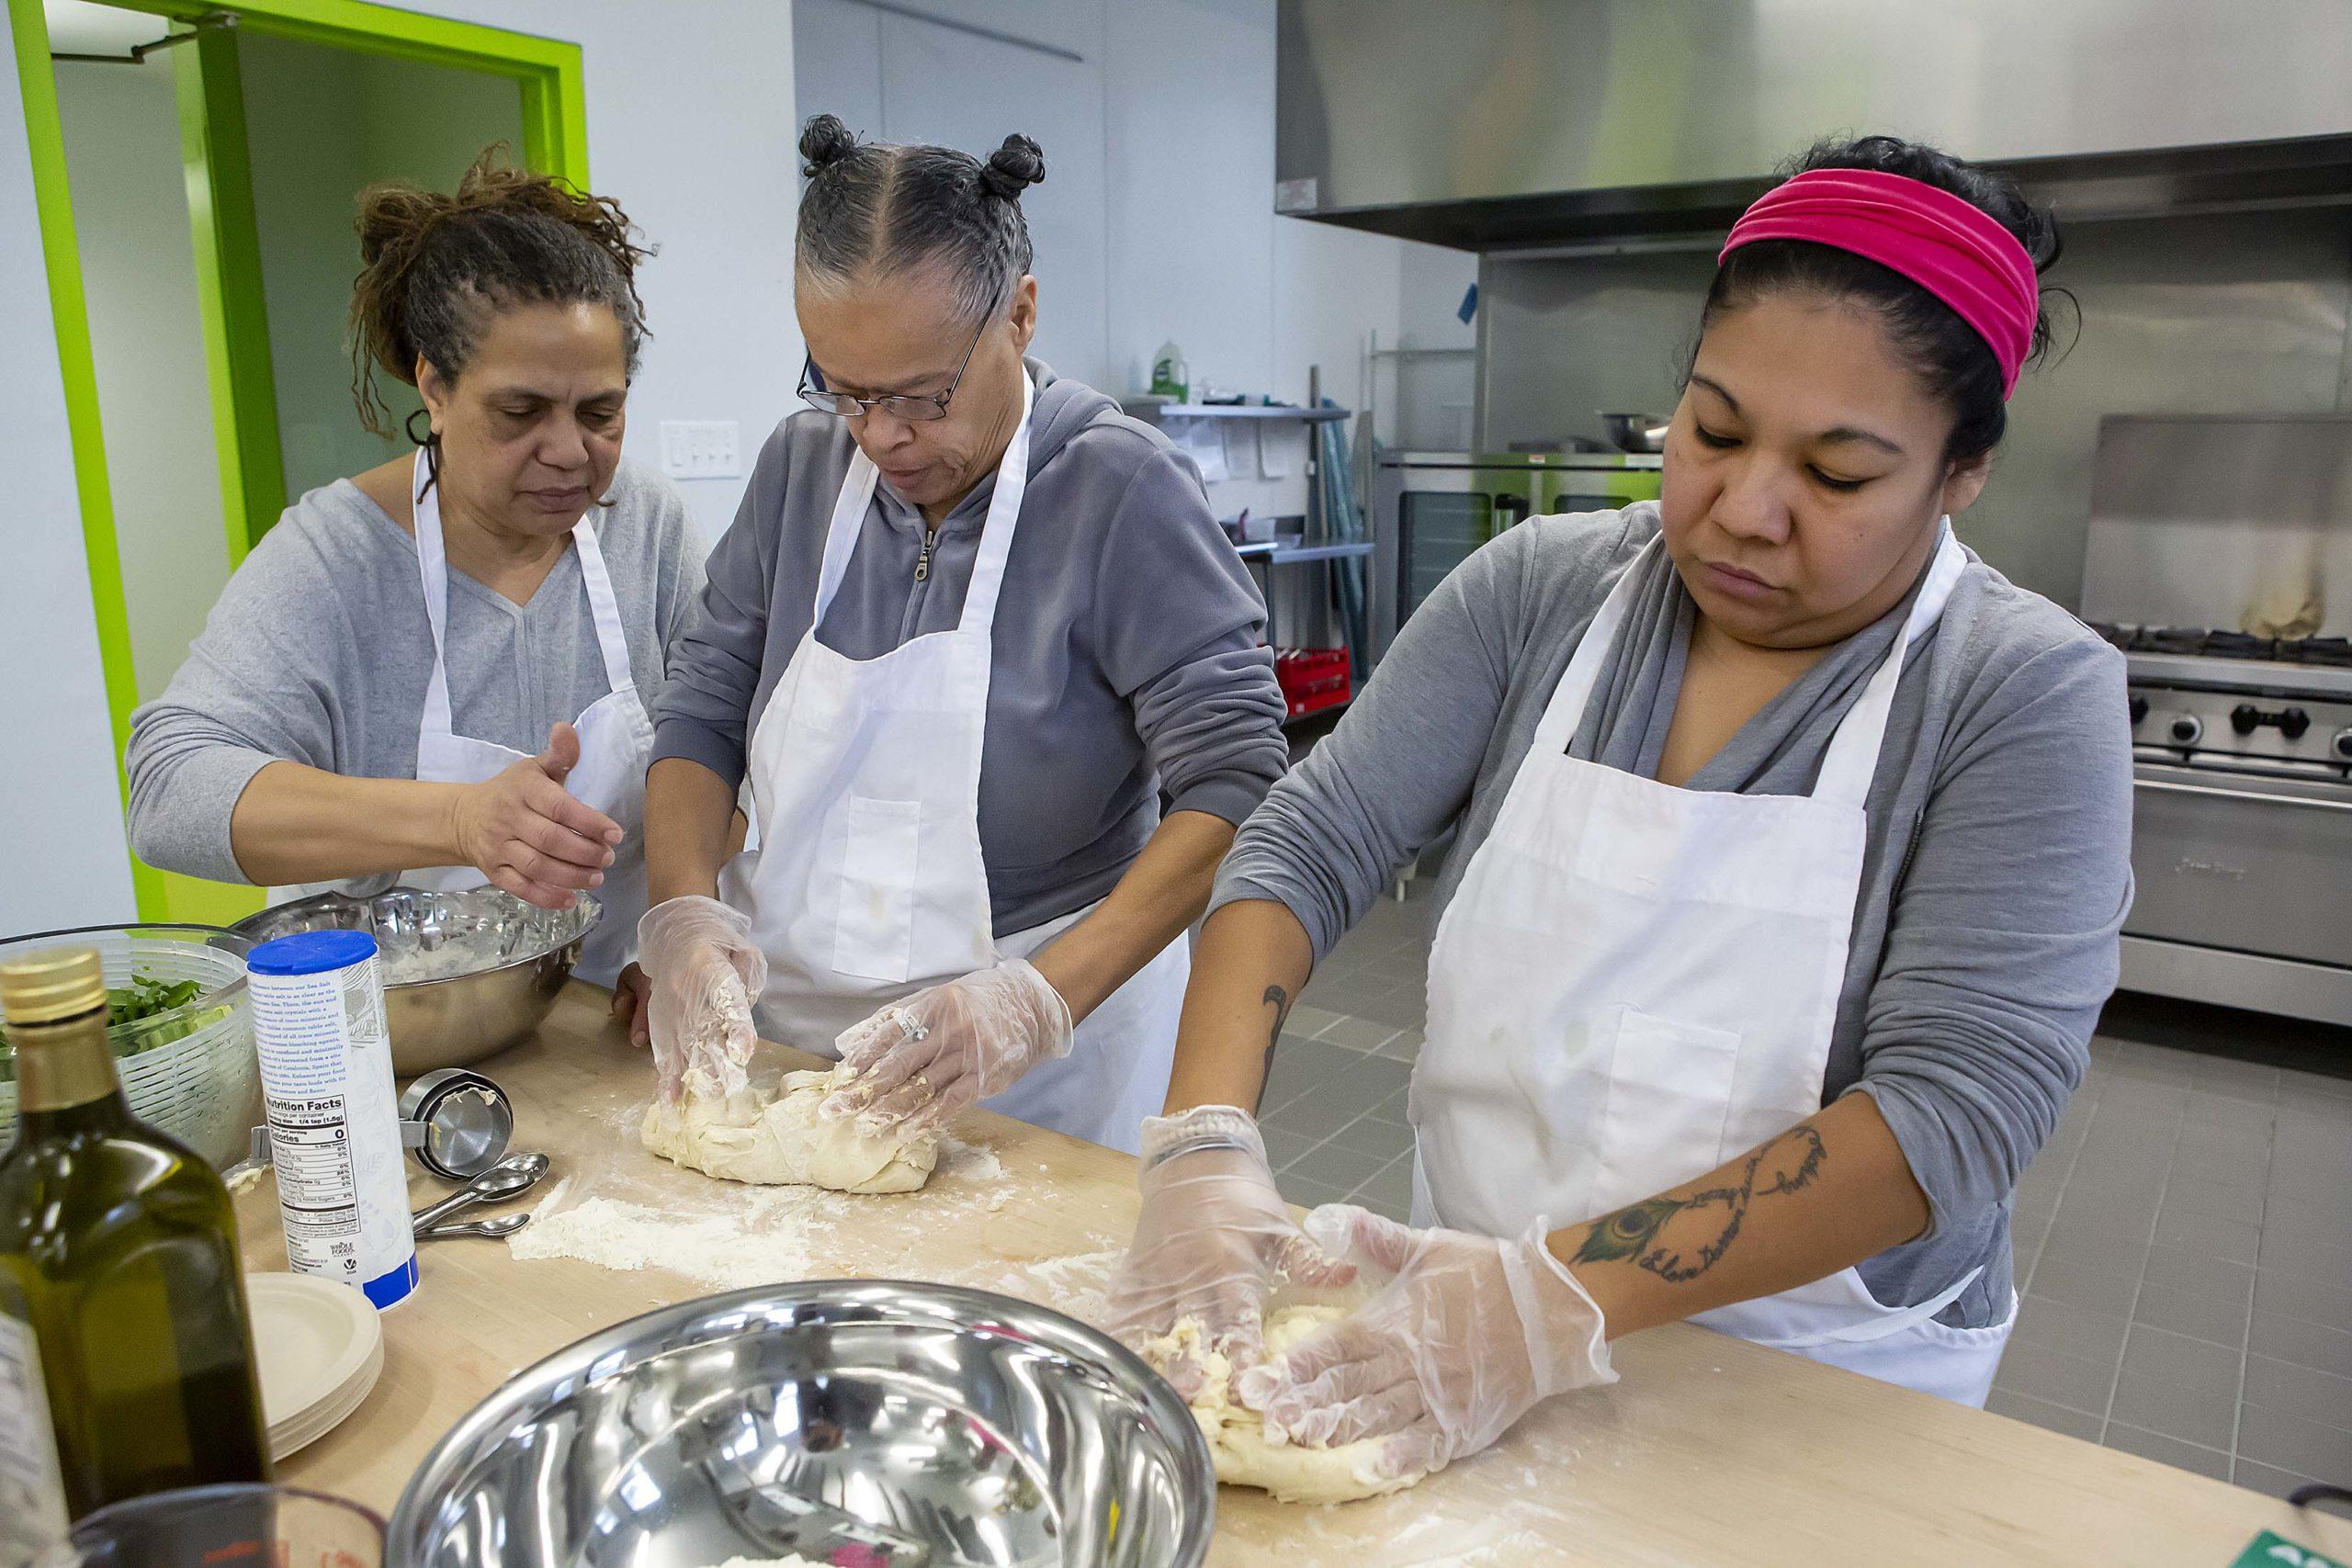 three women working in the kitchen